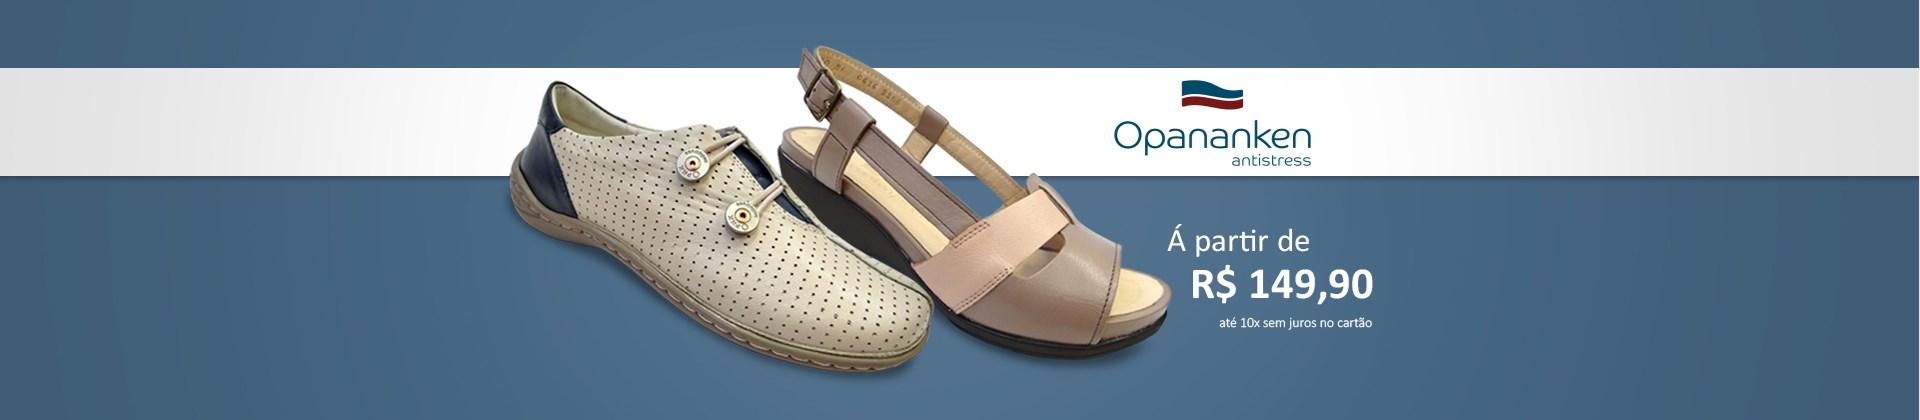 Calçados Opananken